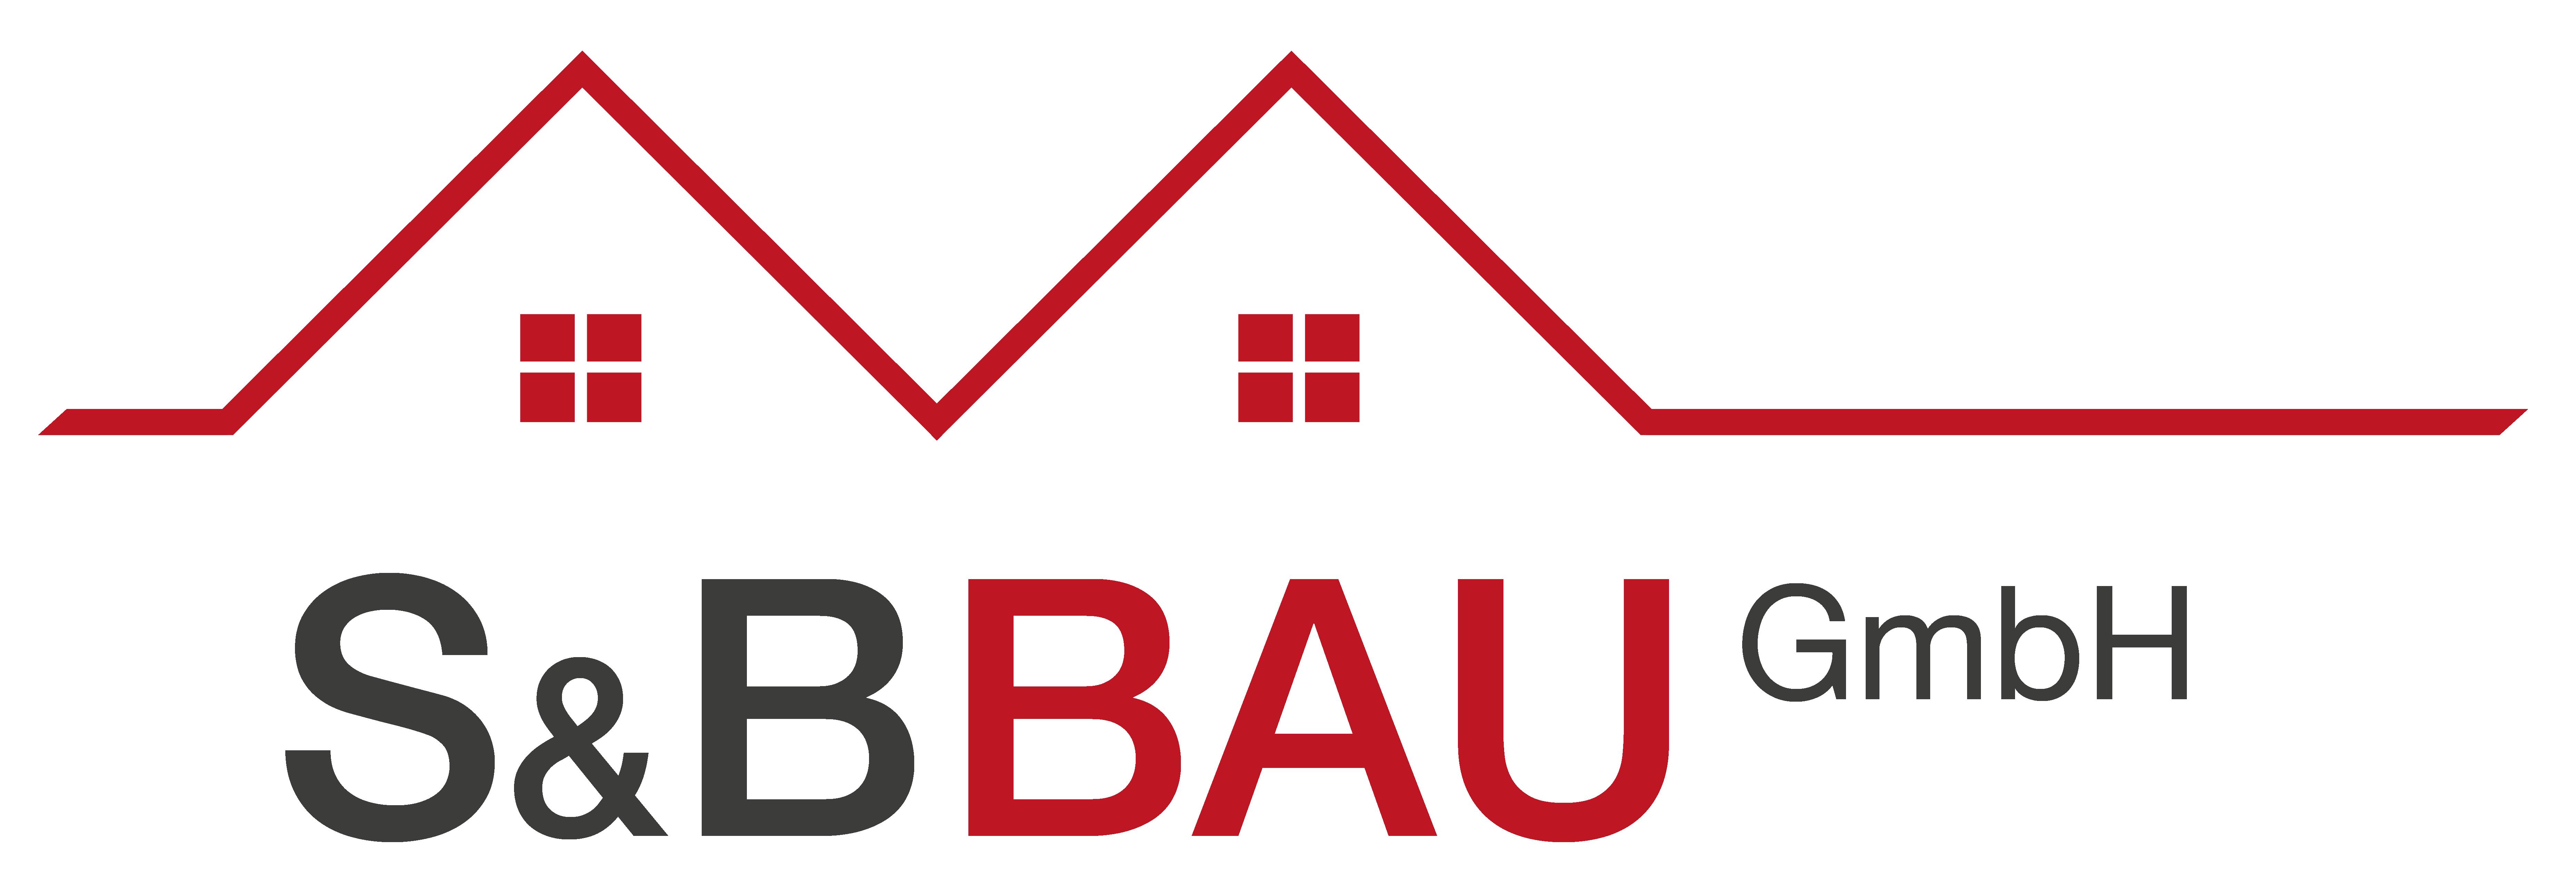 S&B Bau GmbH - Ihr Bauunternehmen im Bezirk Vöcklabruck in OÖ | Wir sind Ihr Generalunternehmen in Oberösterreich. Bauunternehmen S&B Bau Gmbh - Ihr Einfamilienhaus schlüsselfertig vom Fachmann aus dem Bezirk Vöcklabruck.